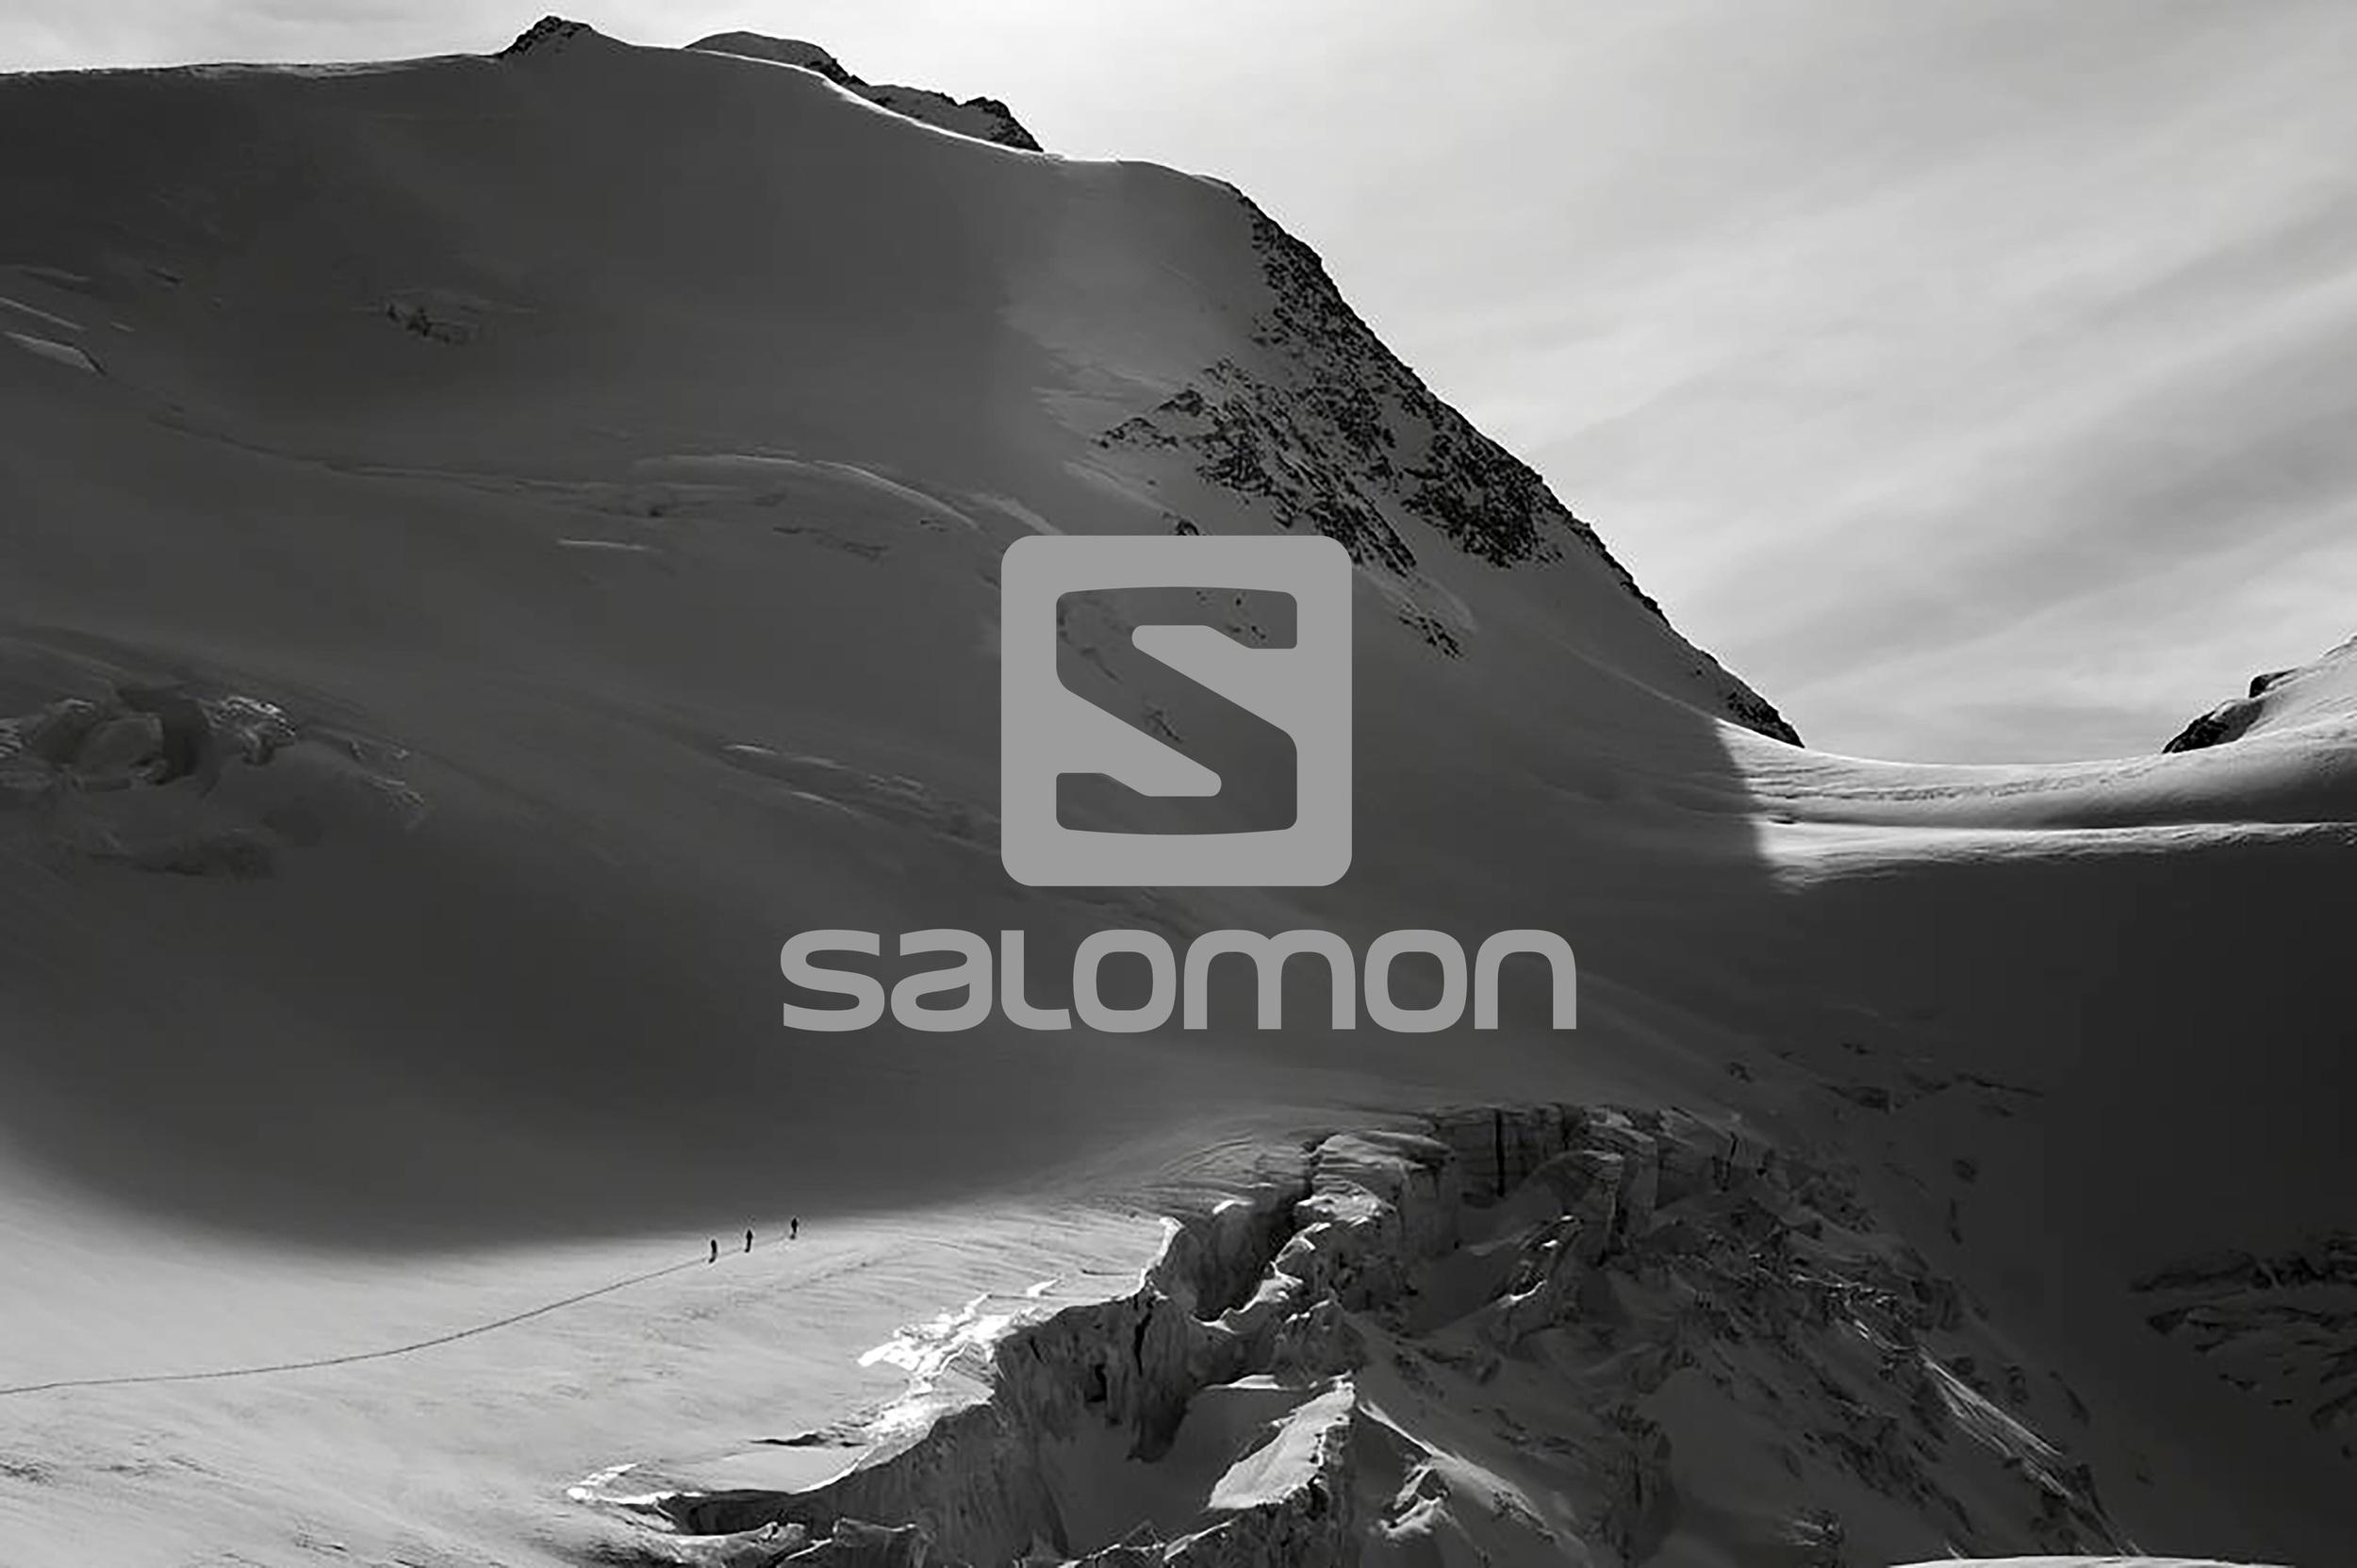 Salomon FreeskiTv